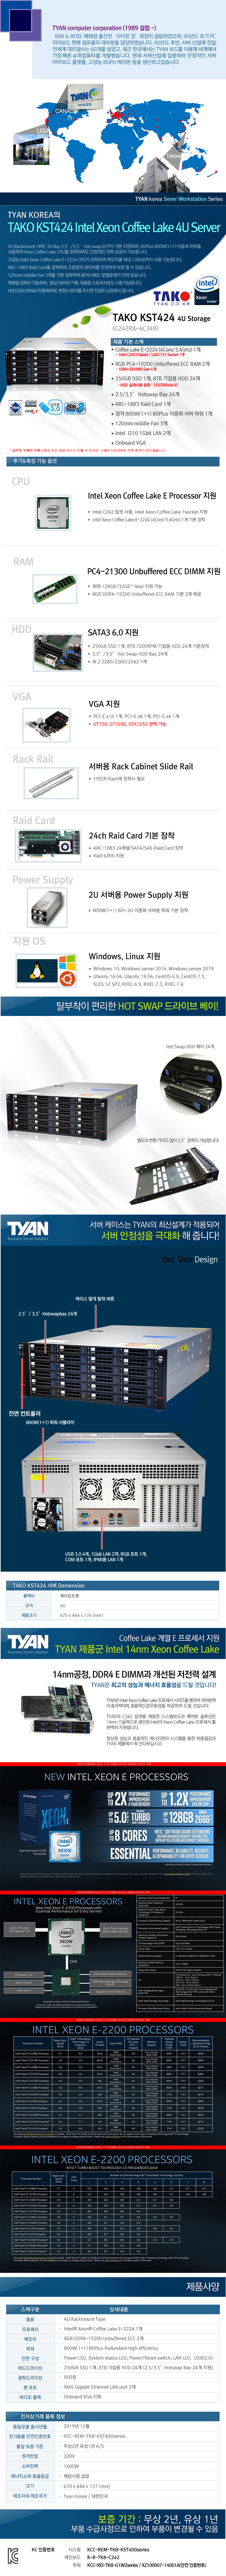 TYAN  TAKO-KST424-(C242R8-4C34R)(16GB, SSD 250GB + 176TB)